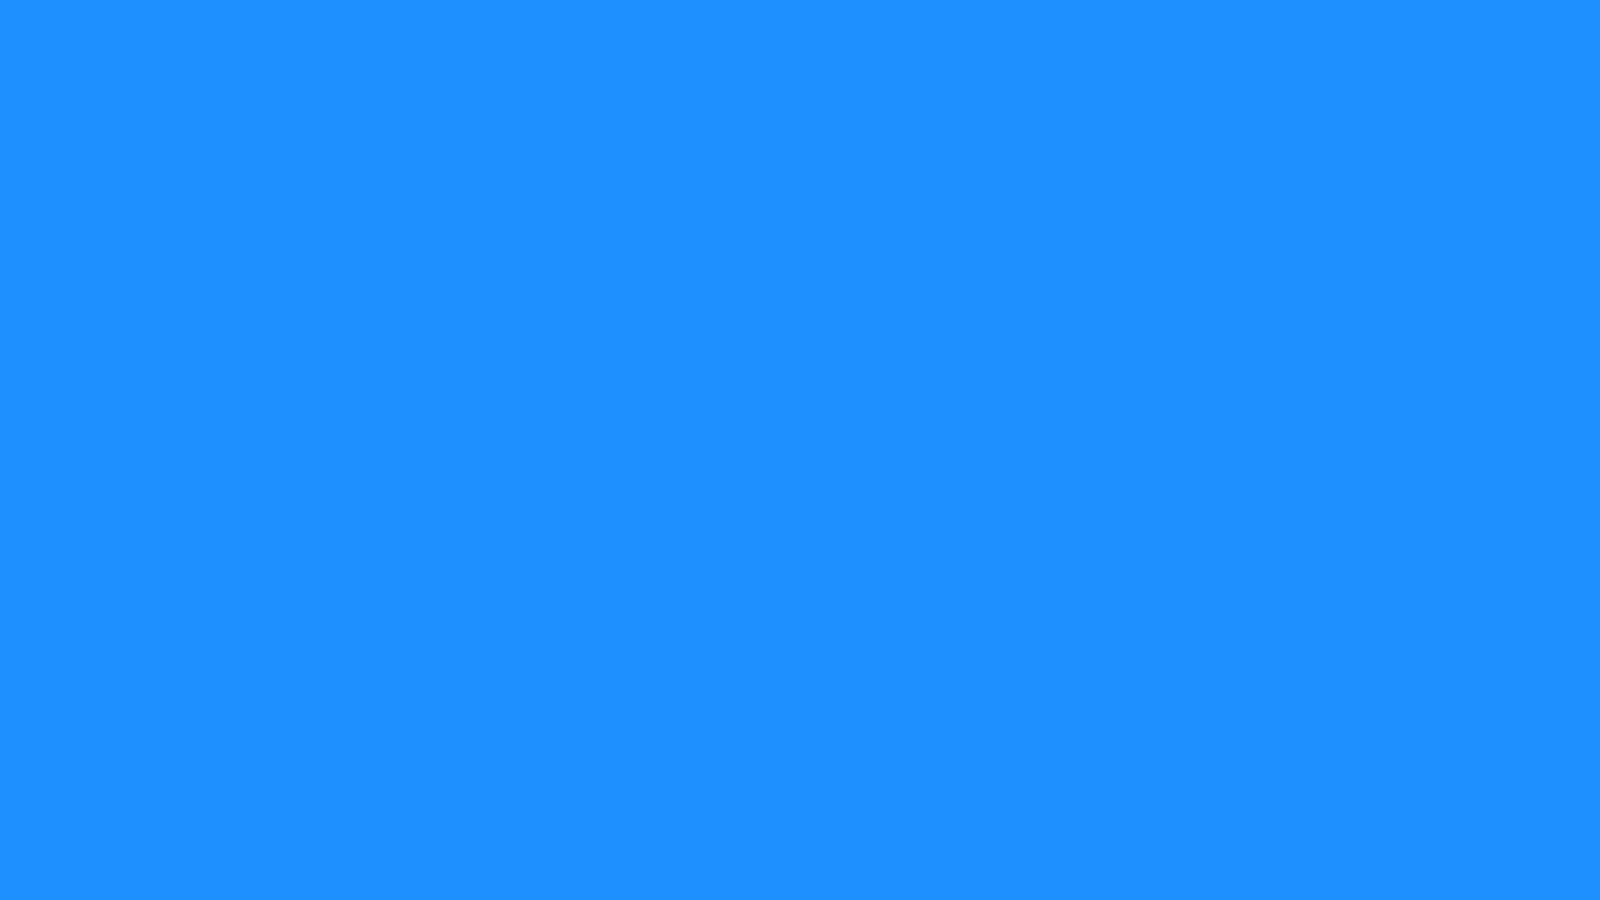 1600x900 Dodger Blue Solid Color Background